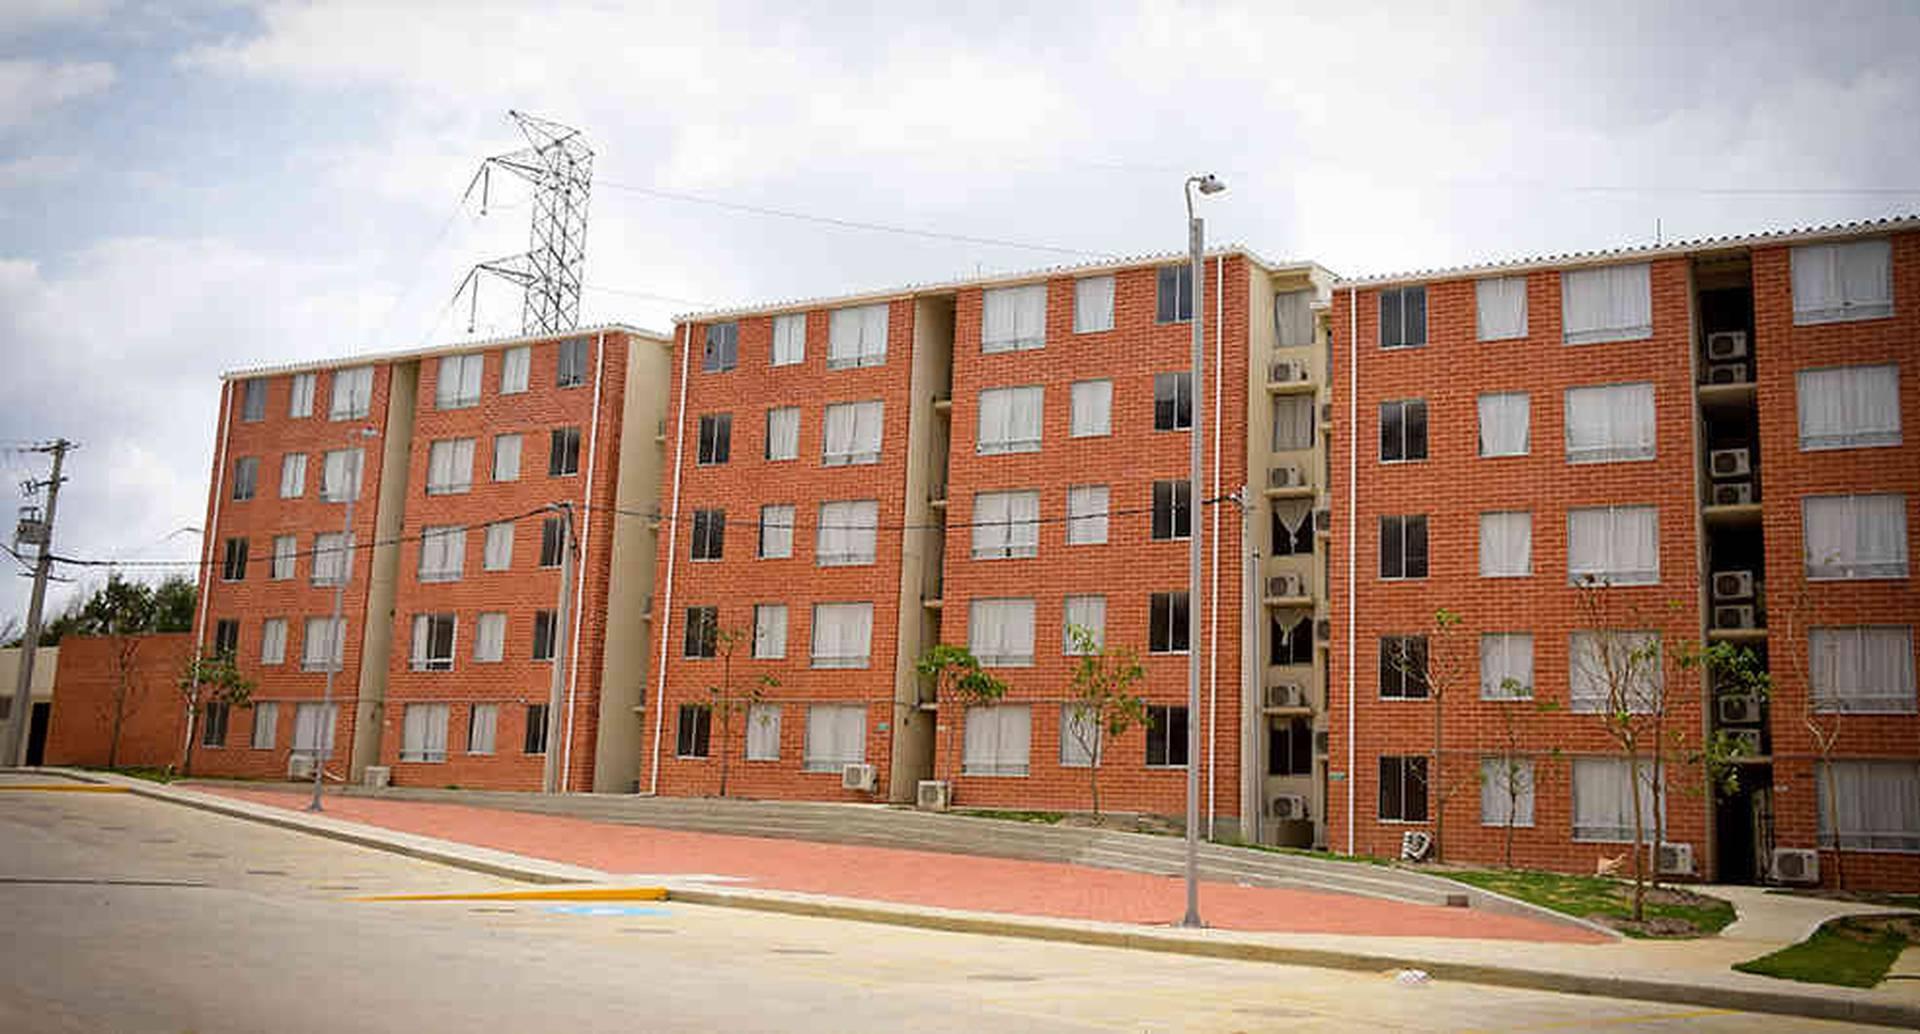 De las 1.600 viviendas que conforman el proyecto, 1.100 fueron dotadas con aire acondicionado, camas y lockers.